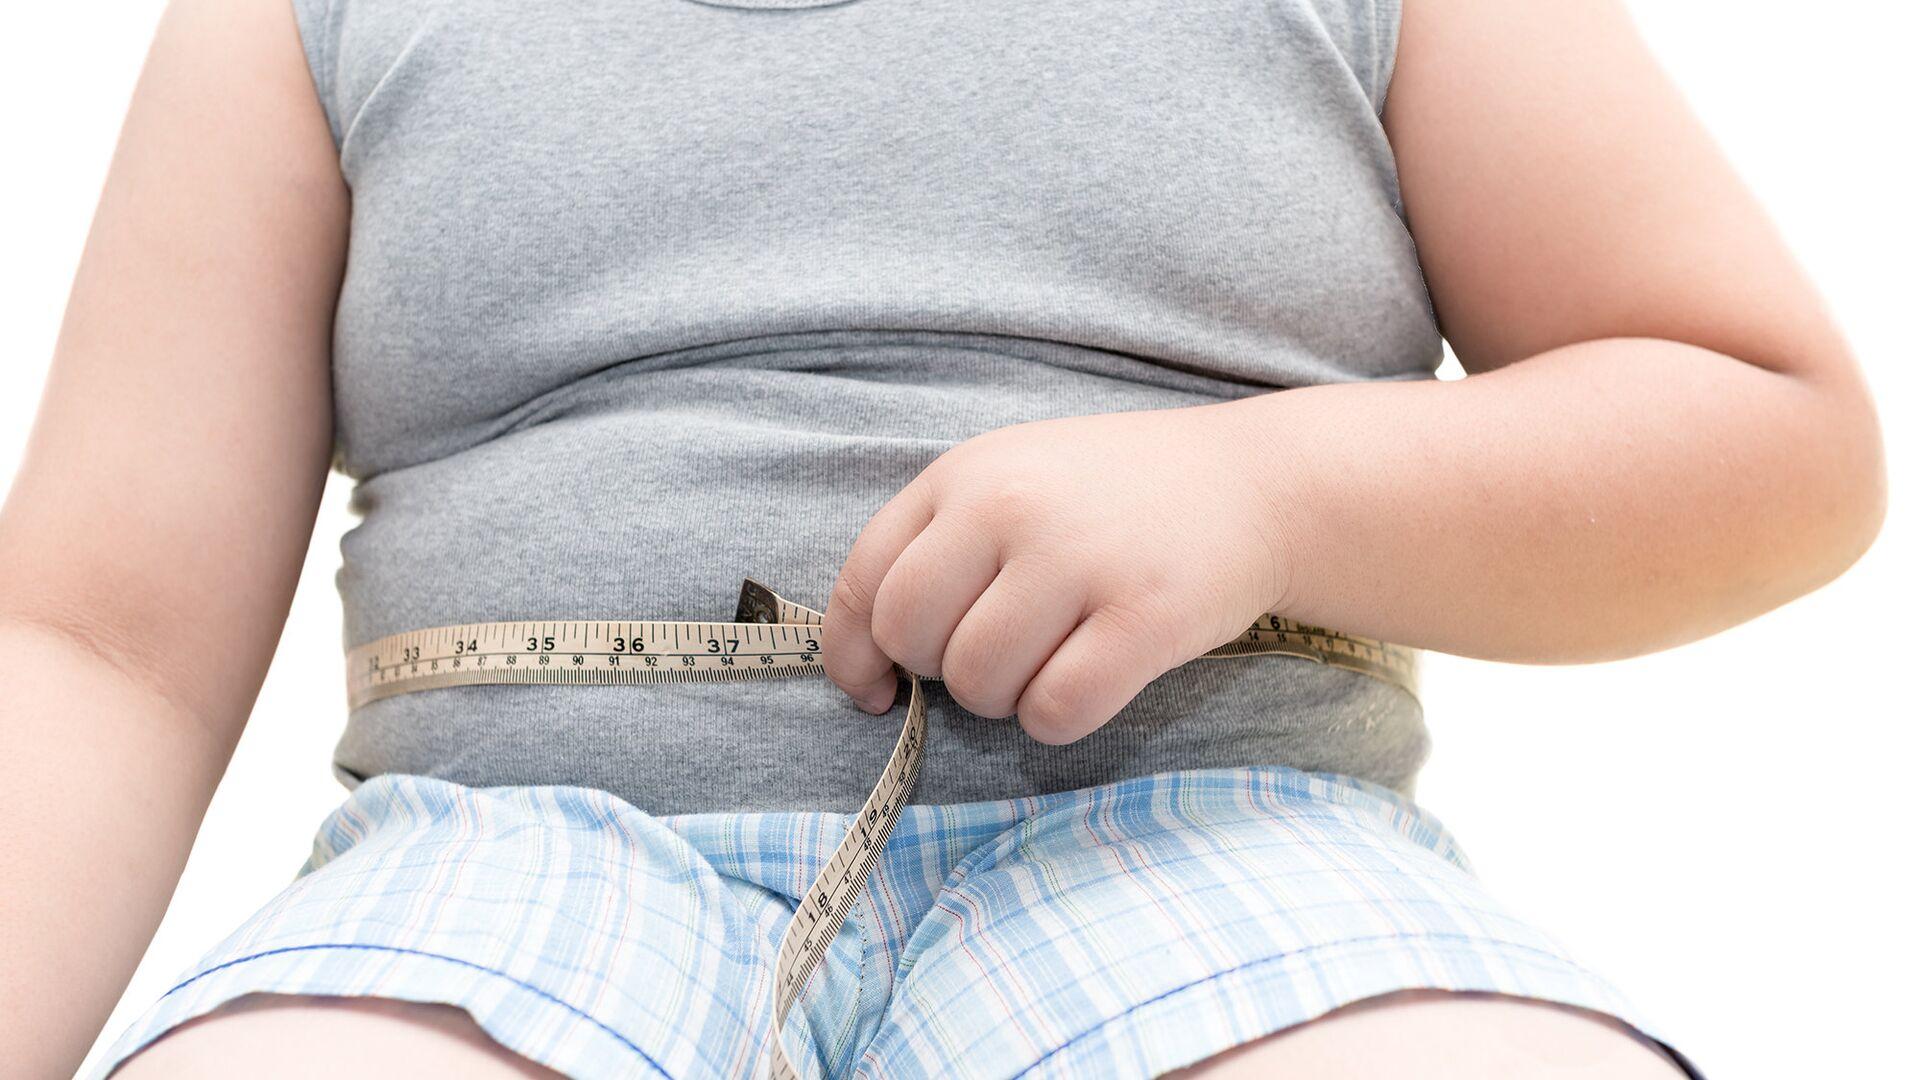 Инъекция антител снизила вес у людей с ожирением